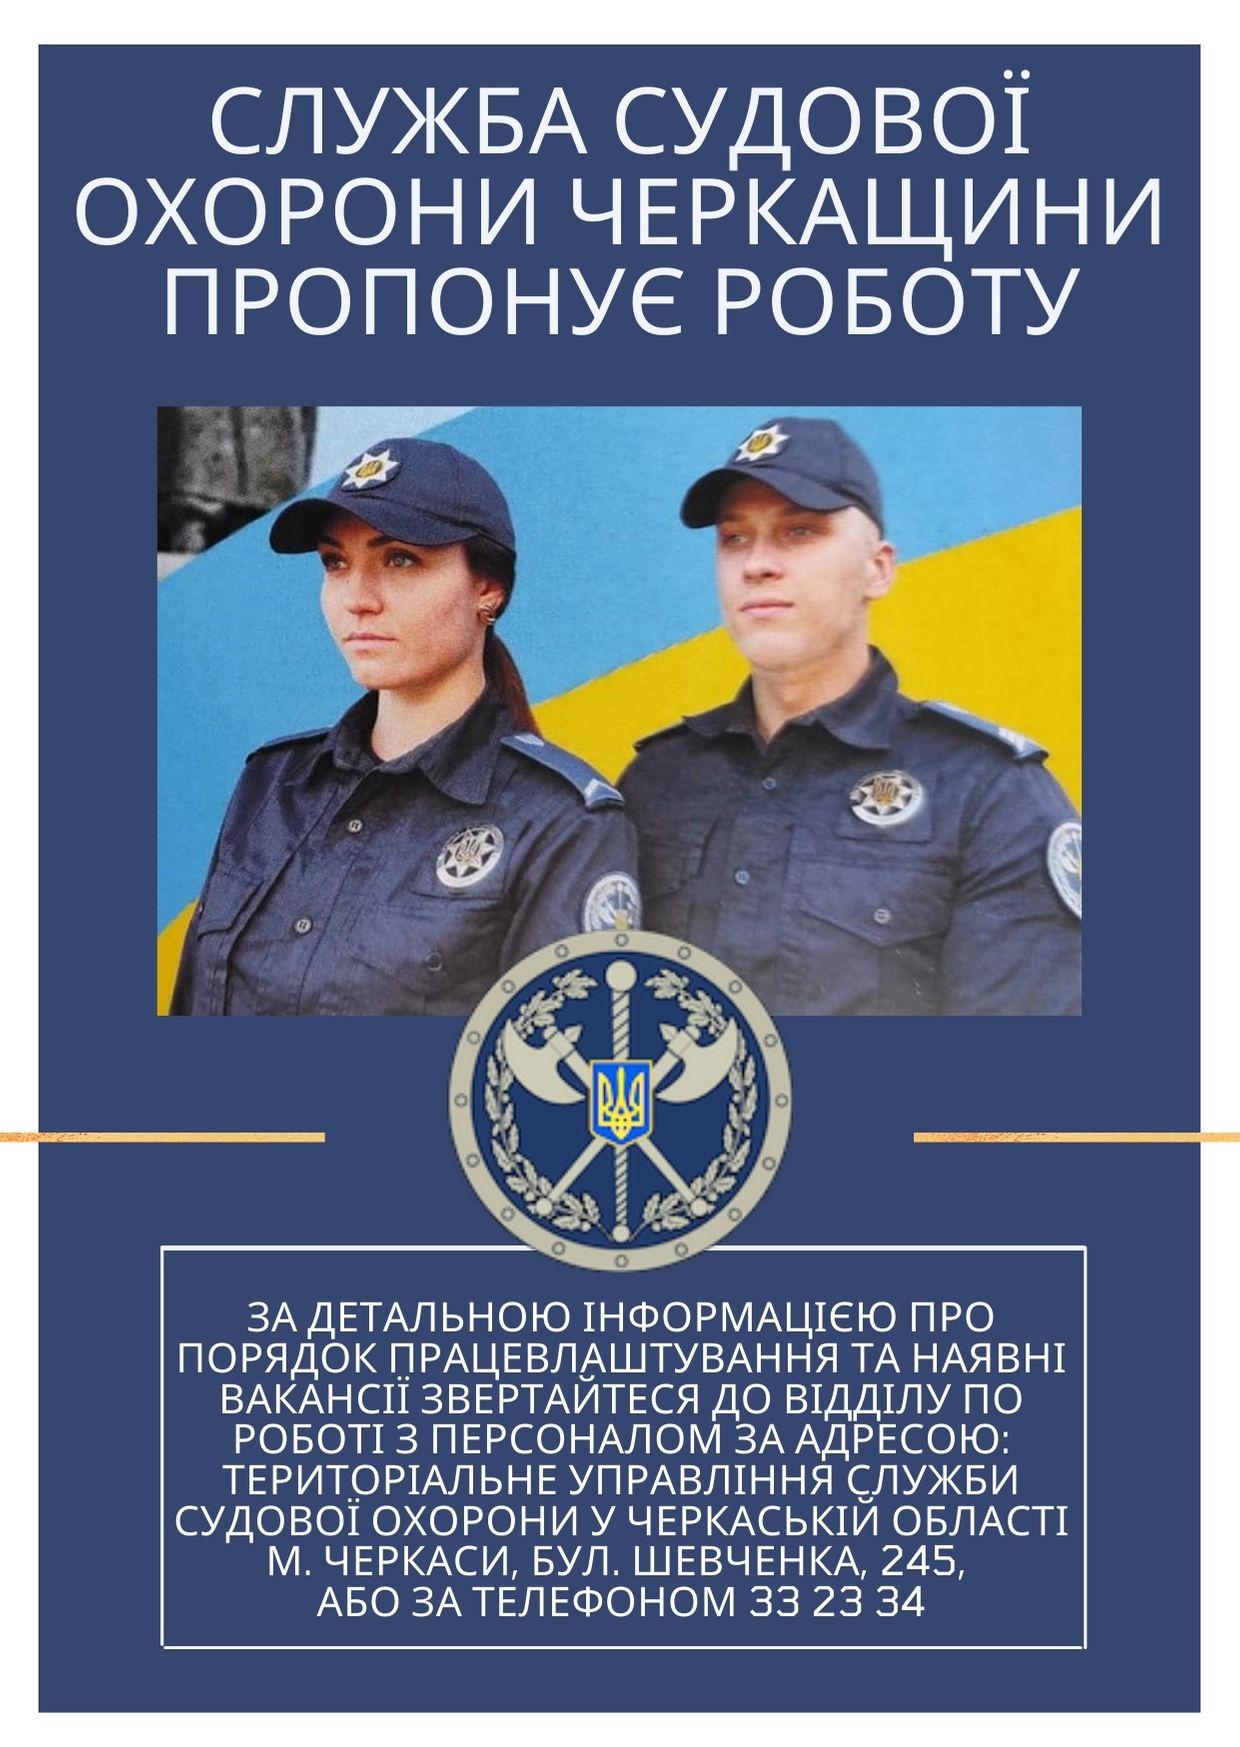 Служба судової охорони Черкащини пропонує роботу